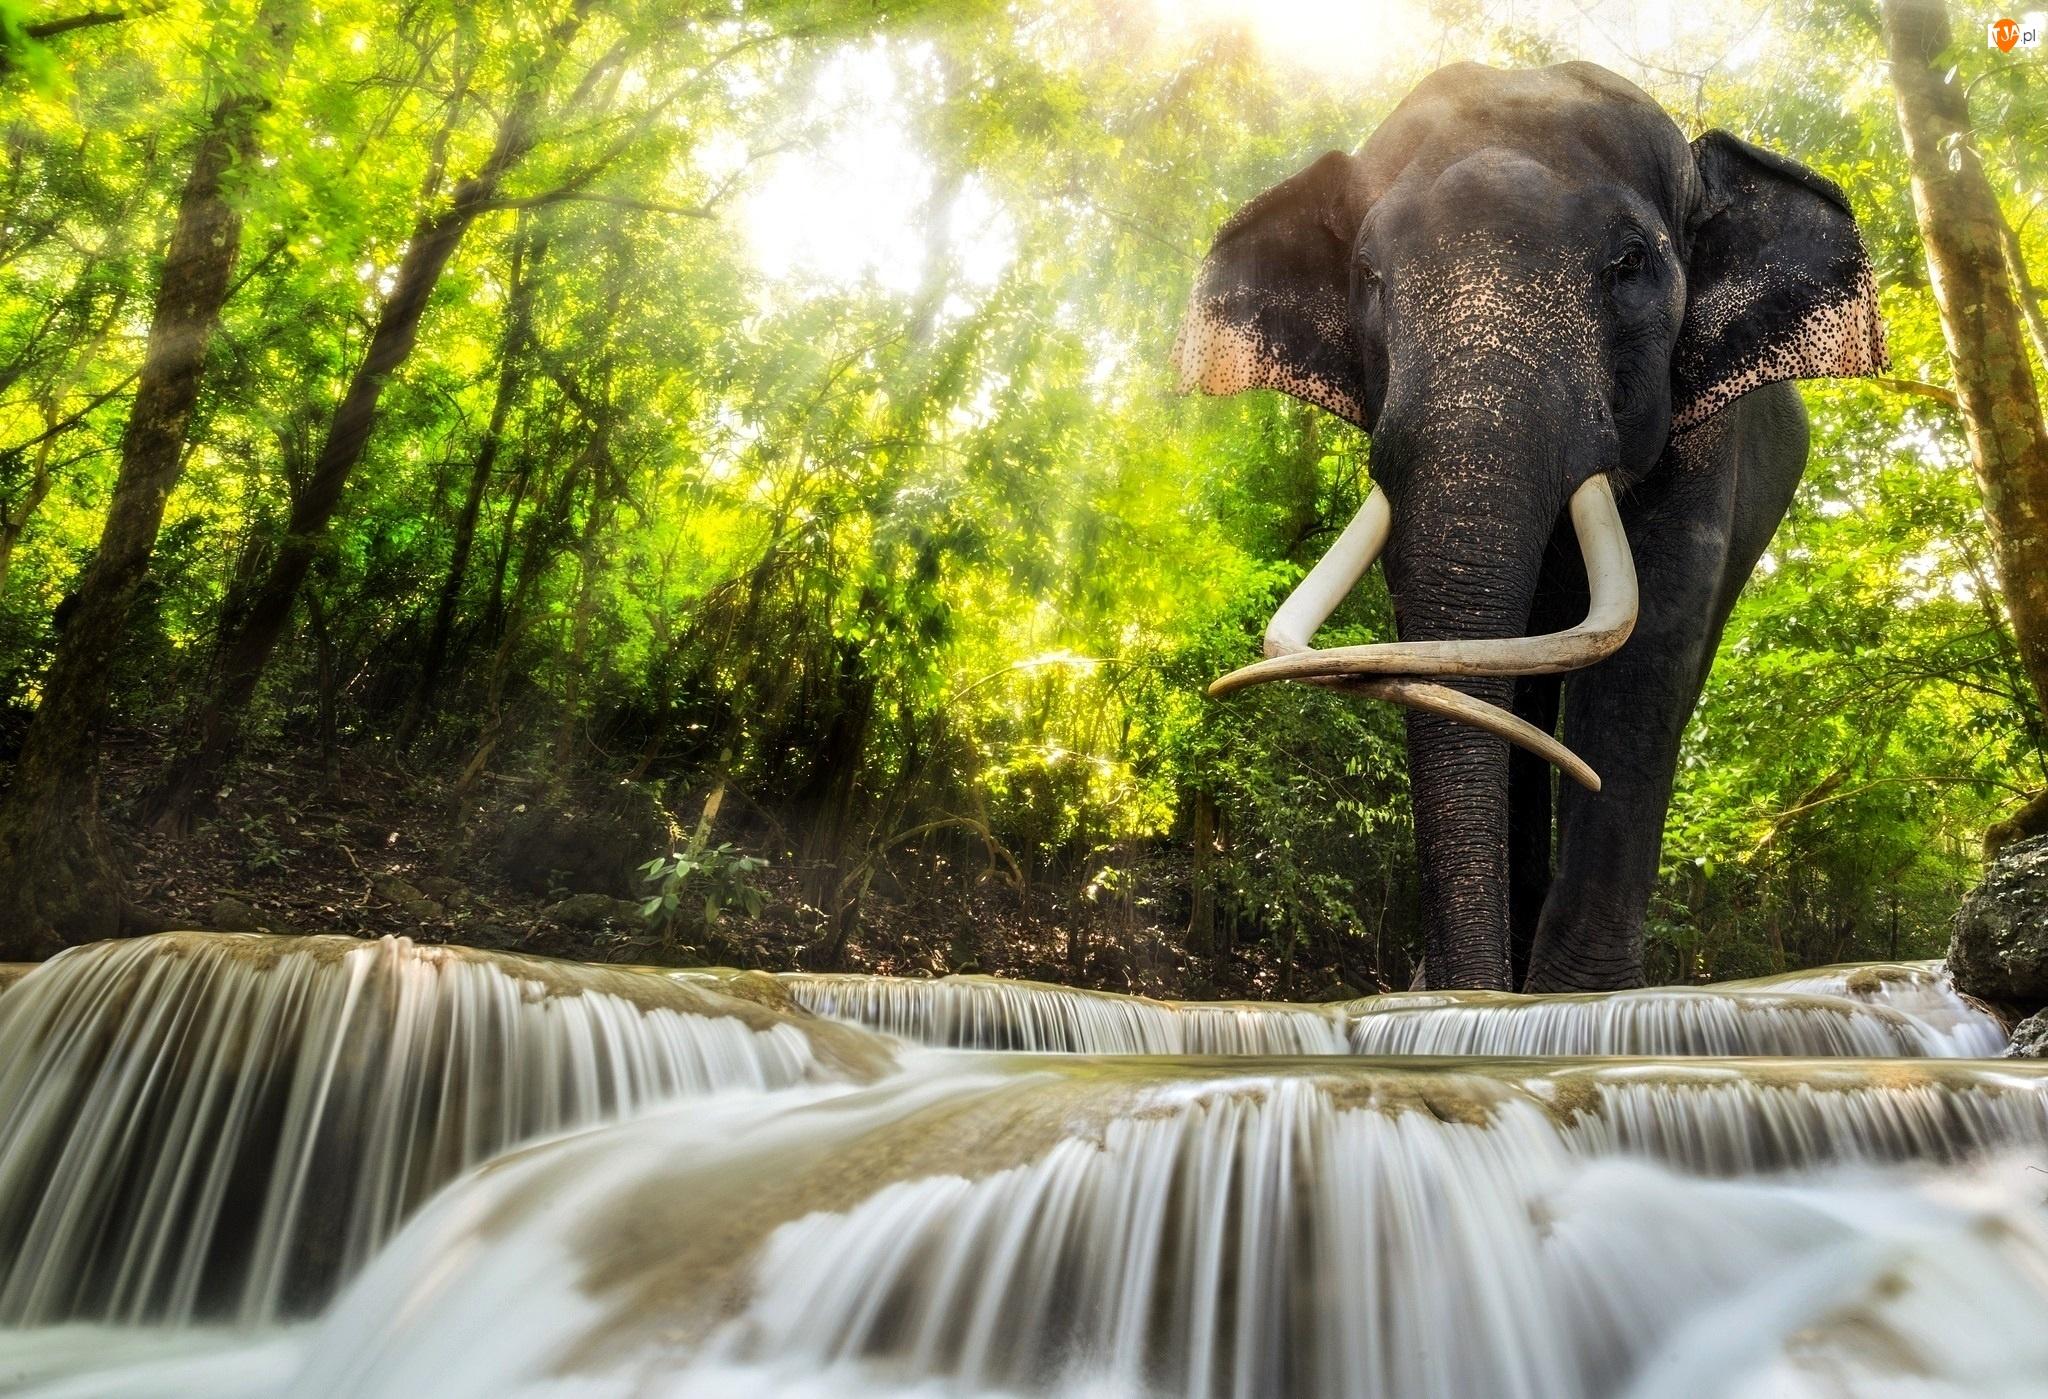 Słoń, Rwąca Rzeka, Las, Przebijające Światło